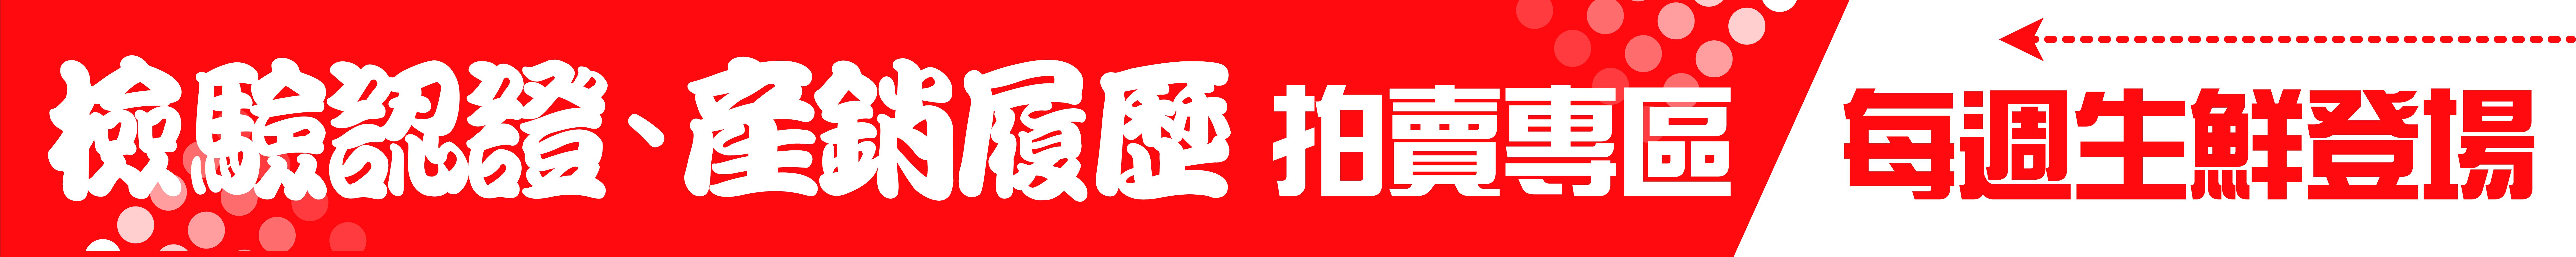 02.jpg